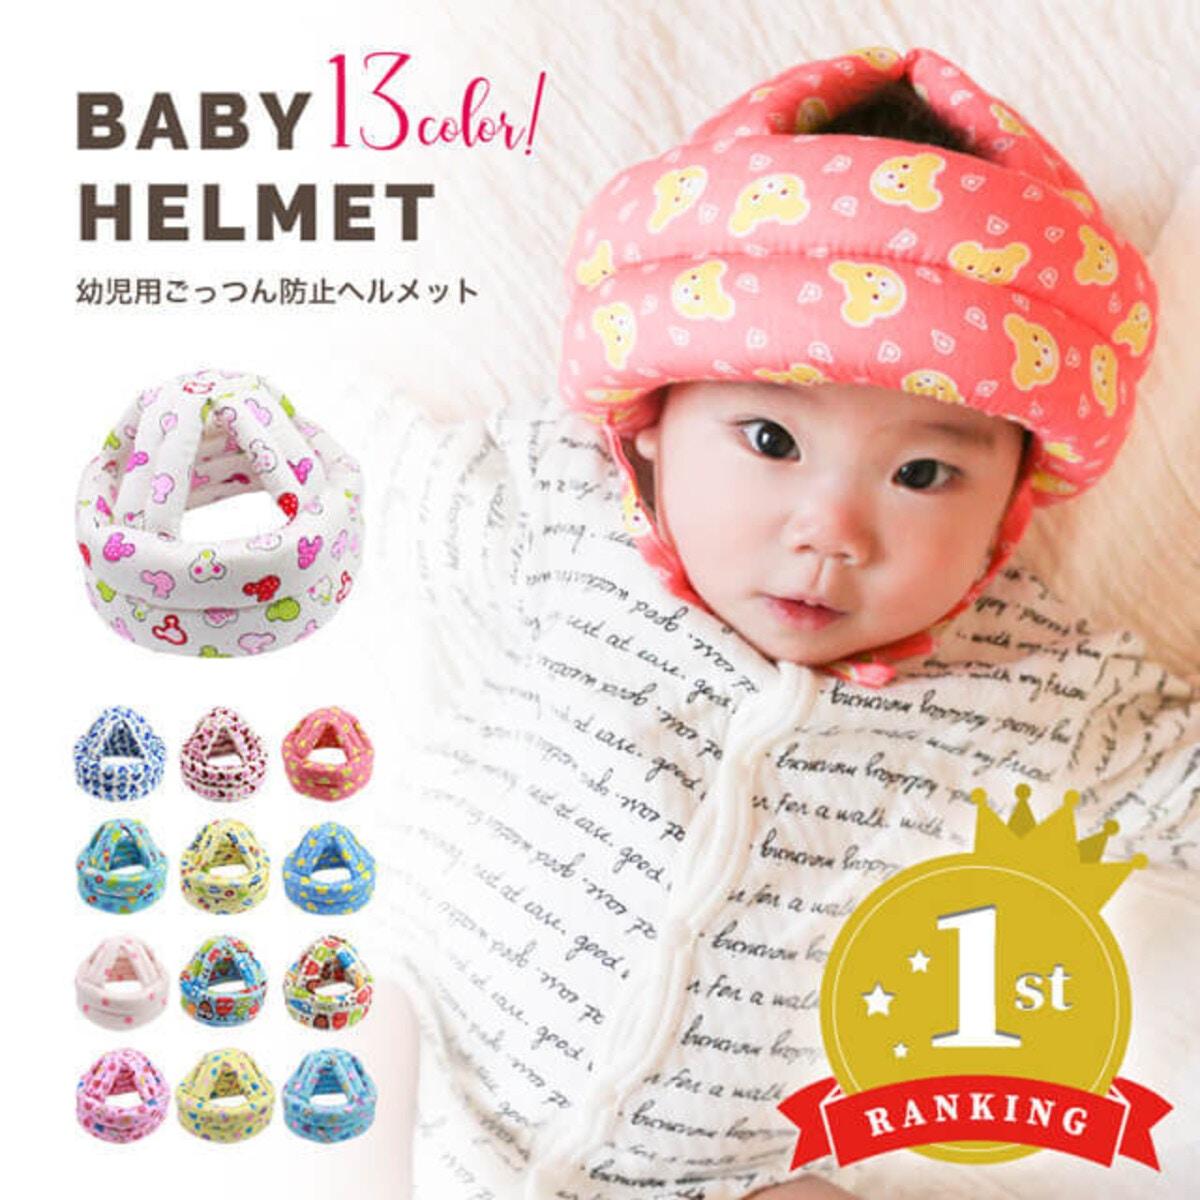 「ベビー ヘルメット 」